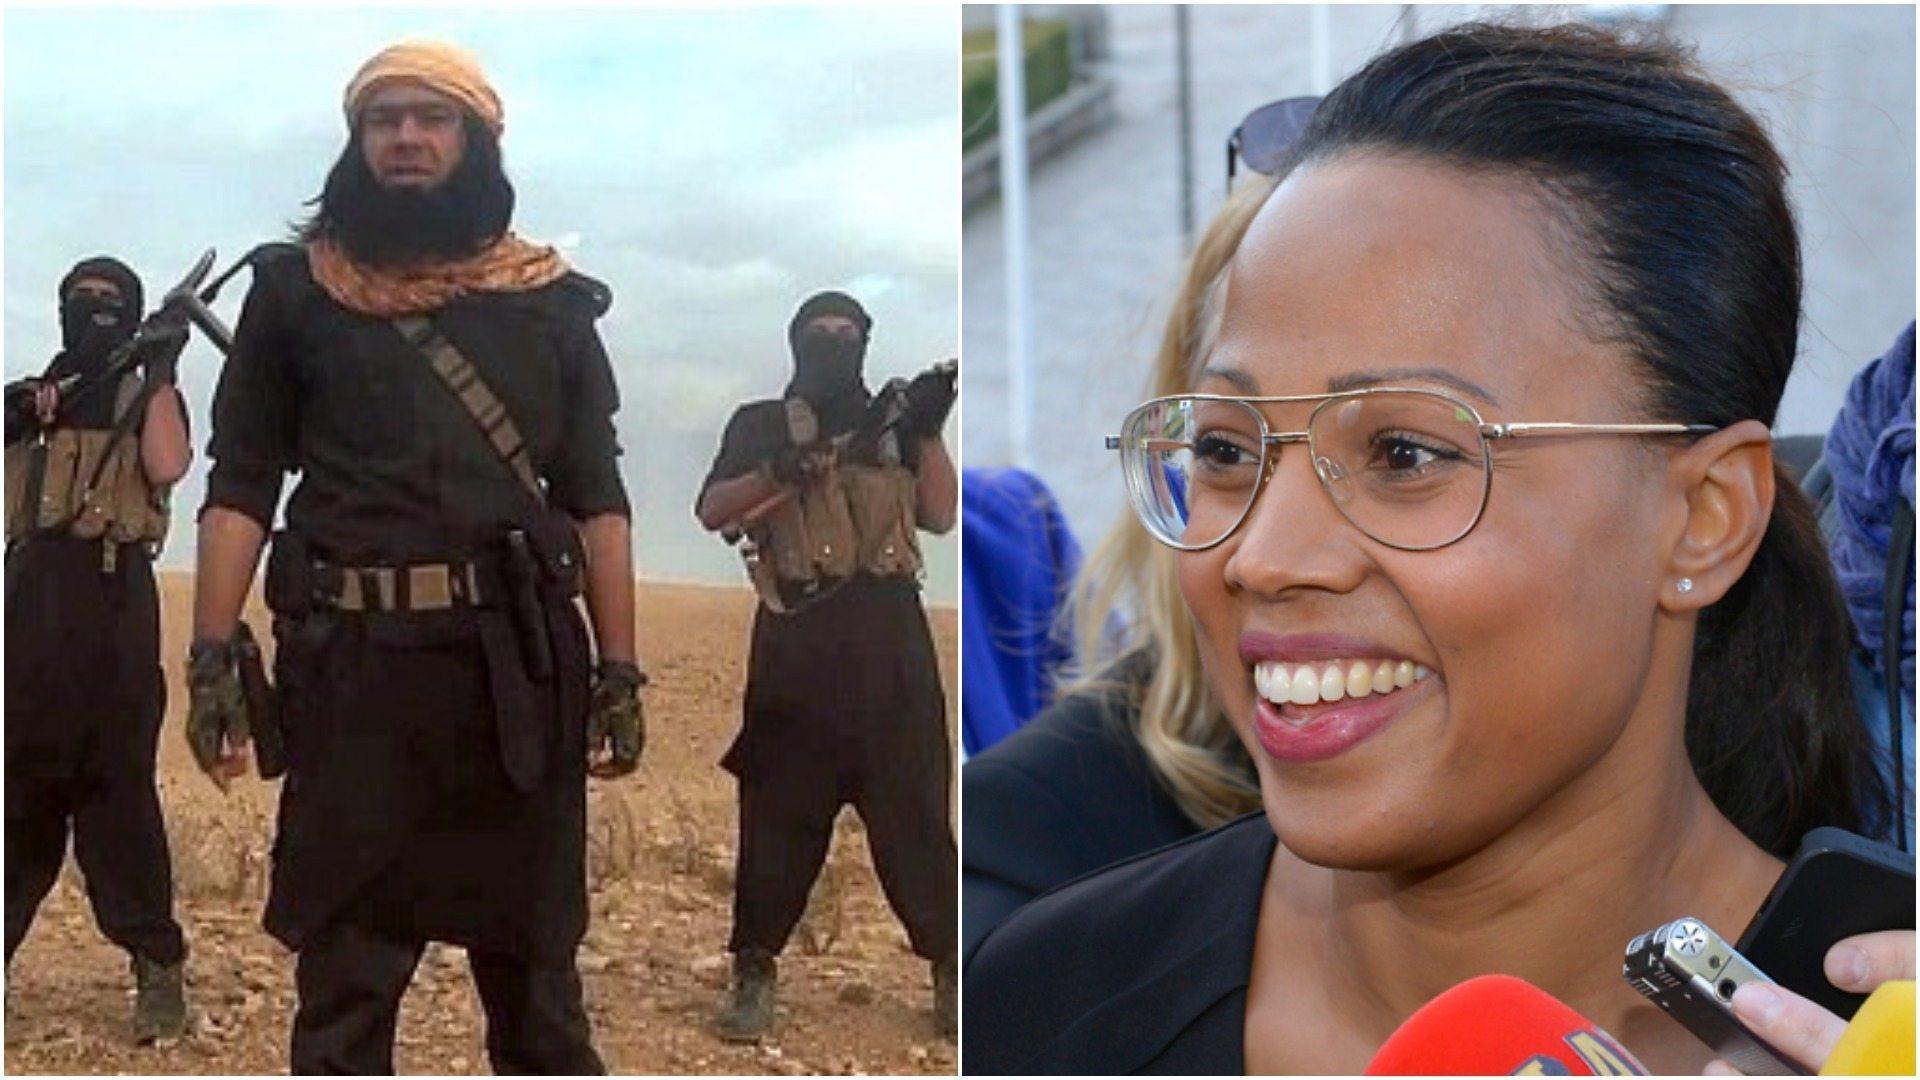 Szwedzka minister: Bojownicy ISIS dostaną mieszkania, darmową edukację i pieniądze